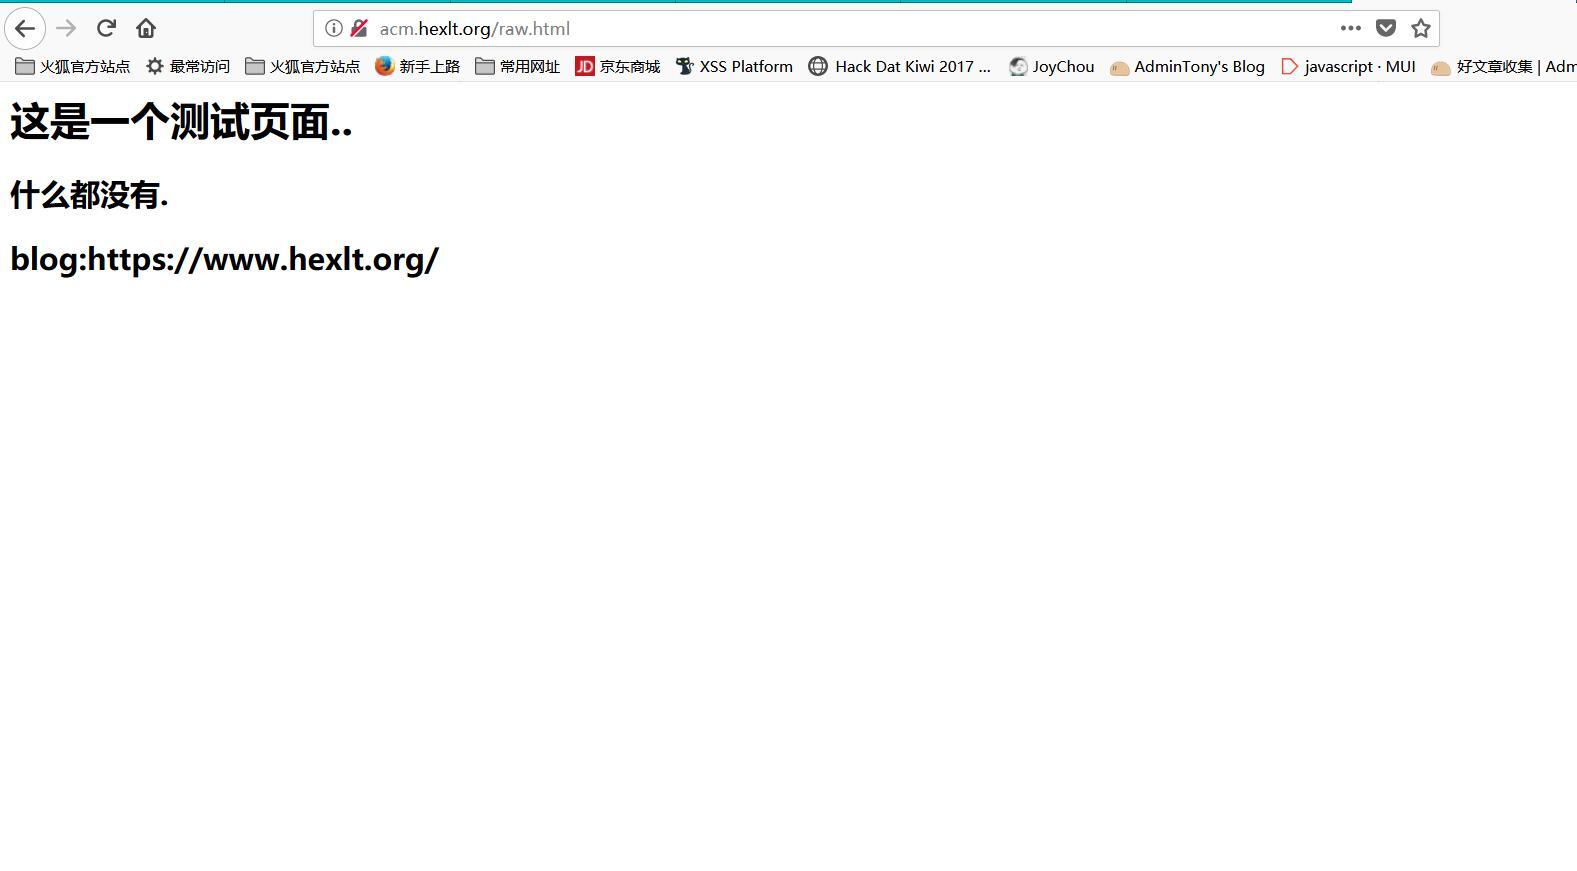 代码审计 | 宝塔linux面板CSRF命令执行,修改管理员密码,附EXP